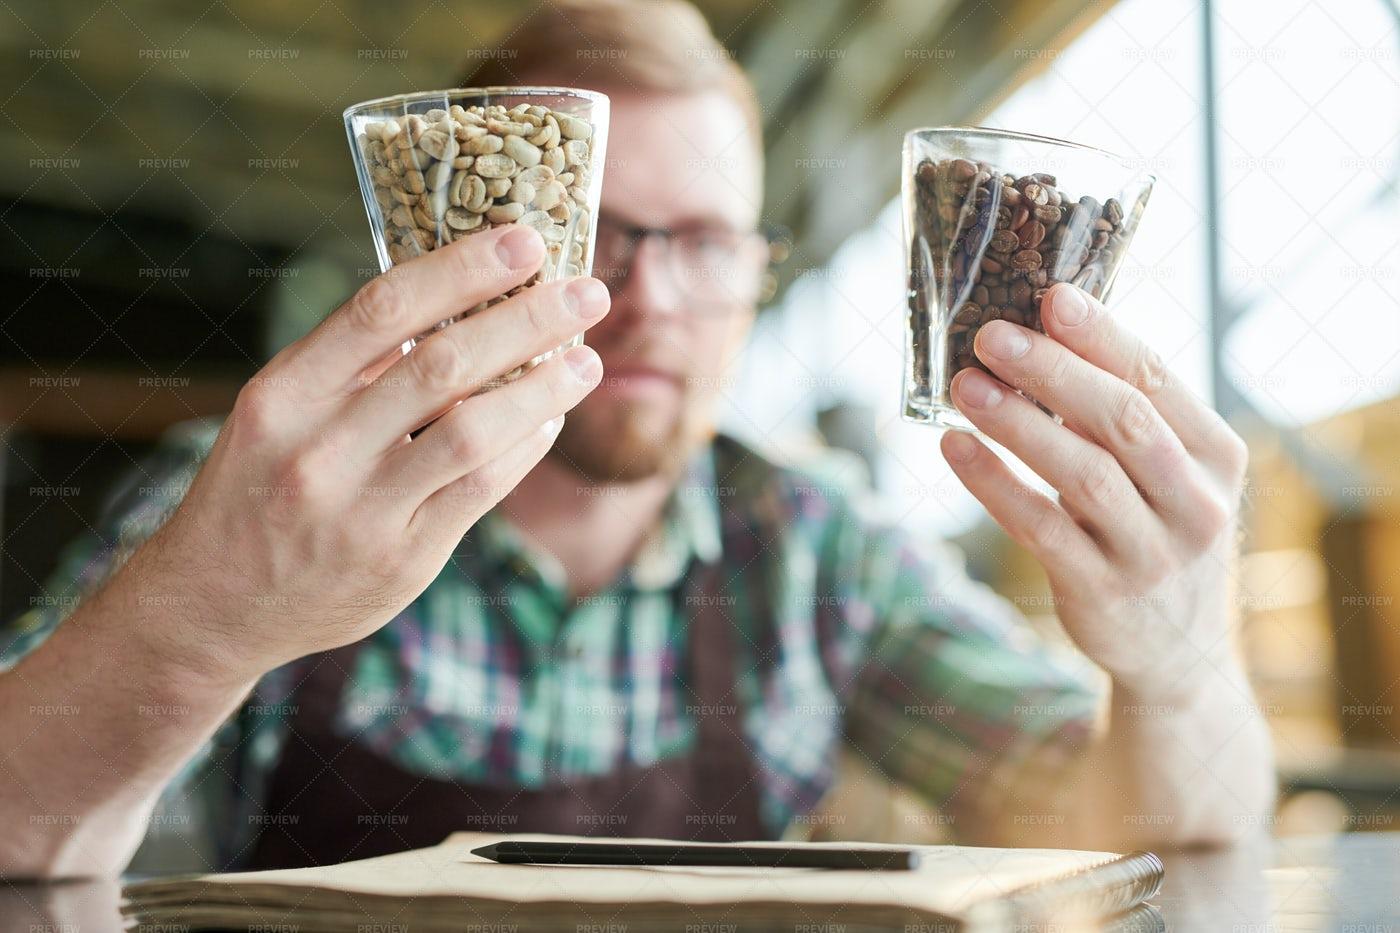 Barista Examining Coffee Beans: Stock Photos